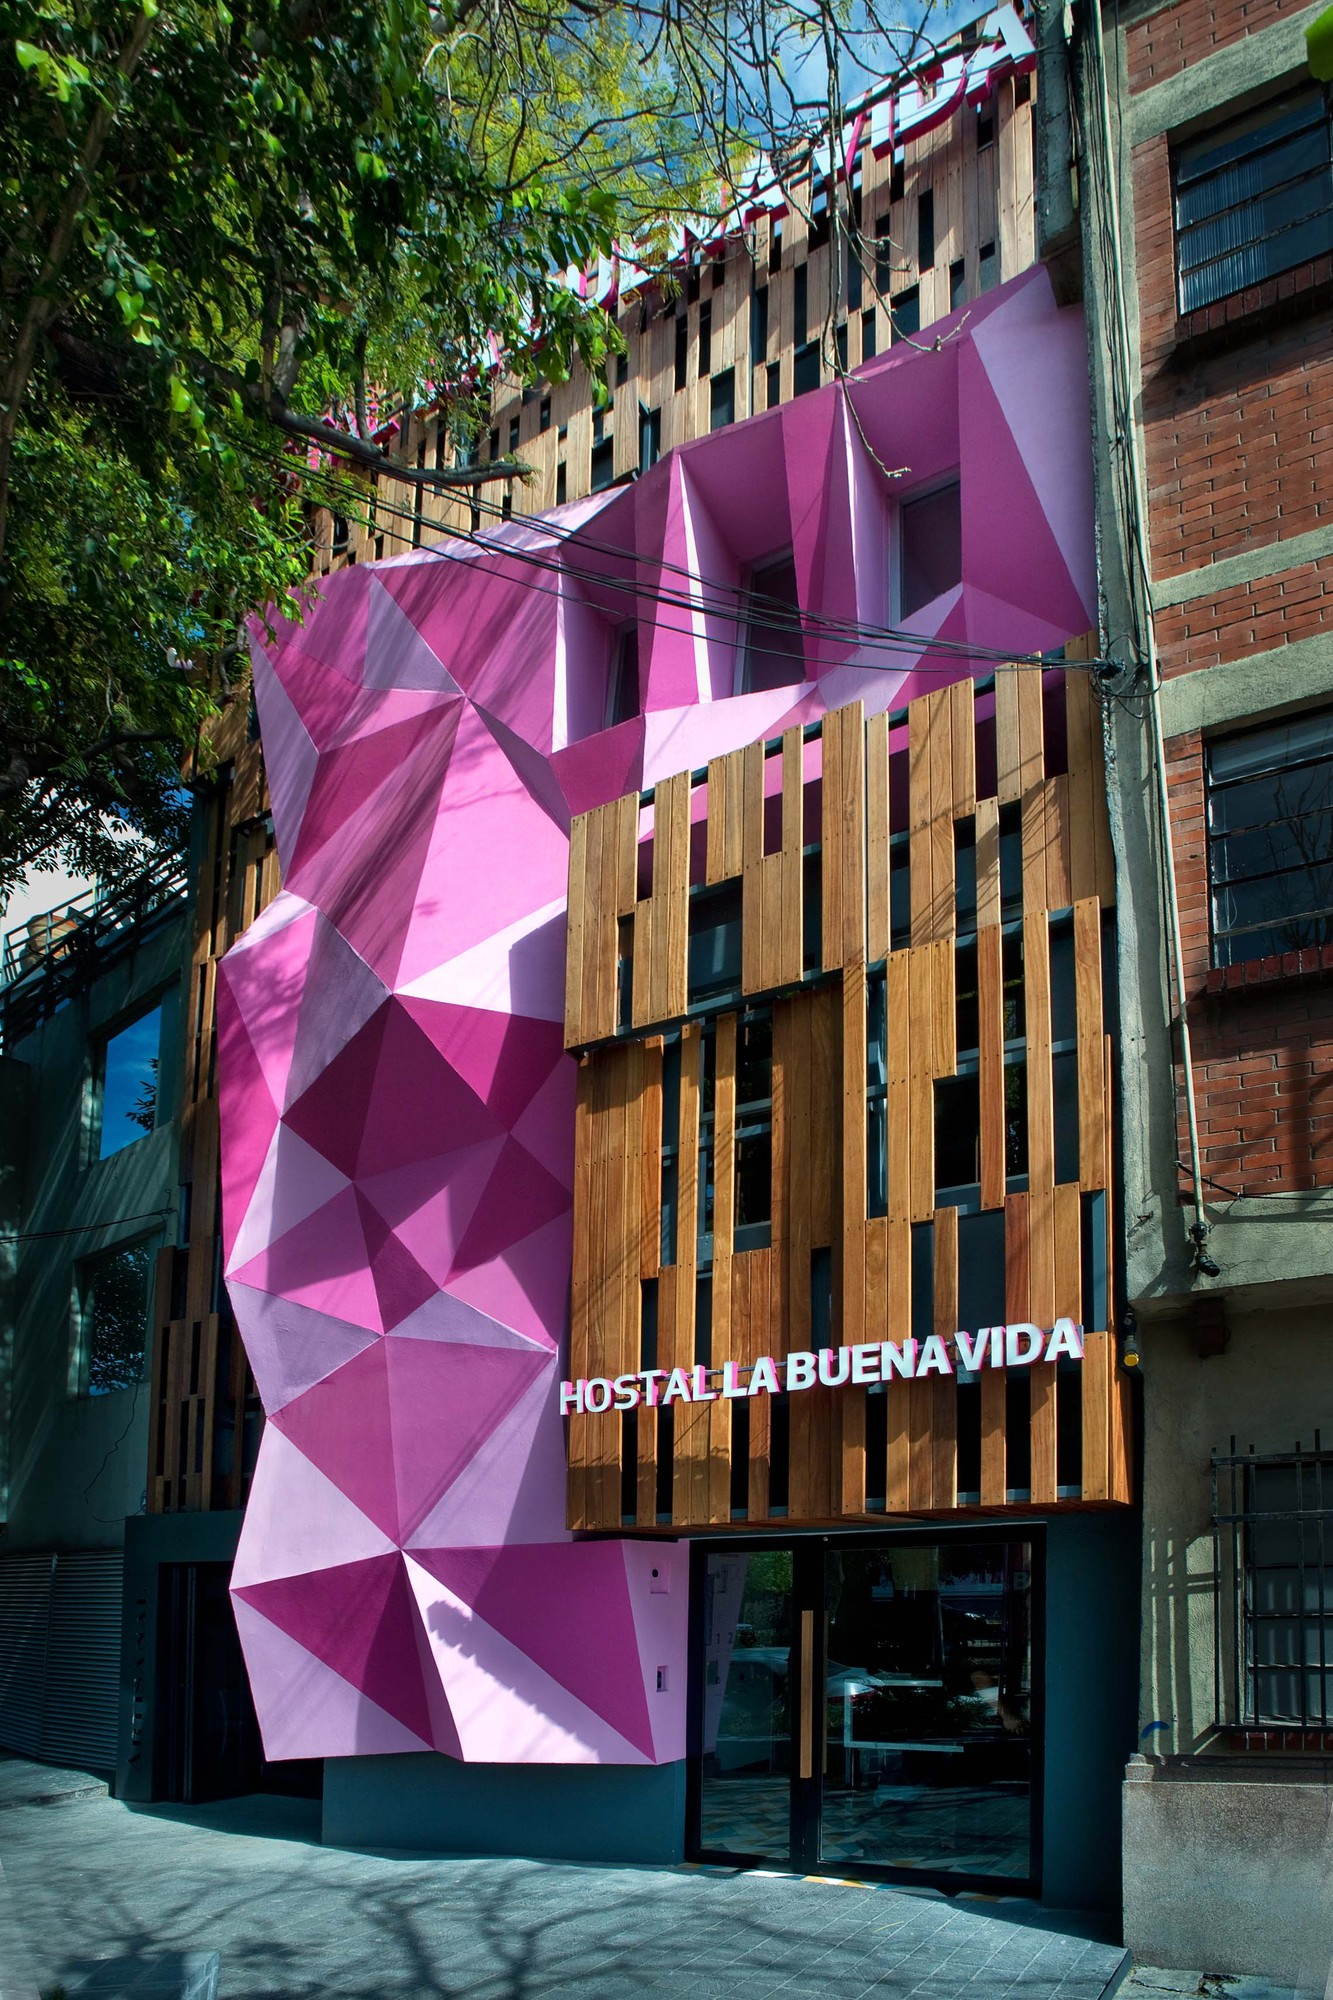 Hostel la buena vida arco arquitectura contempor nea for Estilos de arquitectura contemporanea